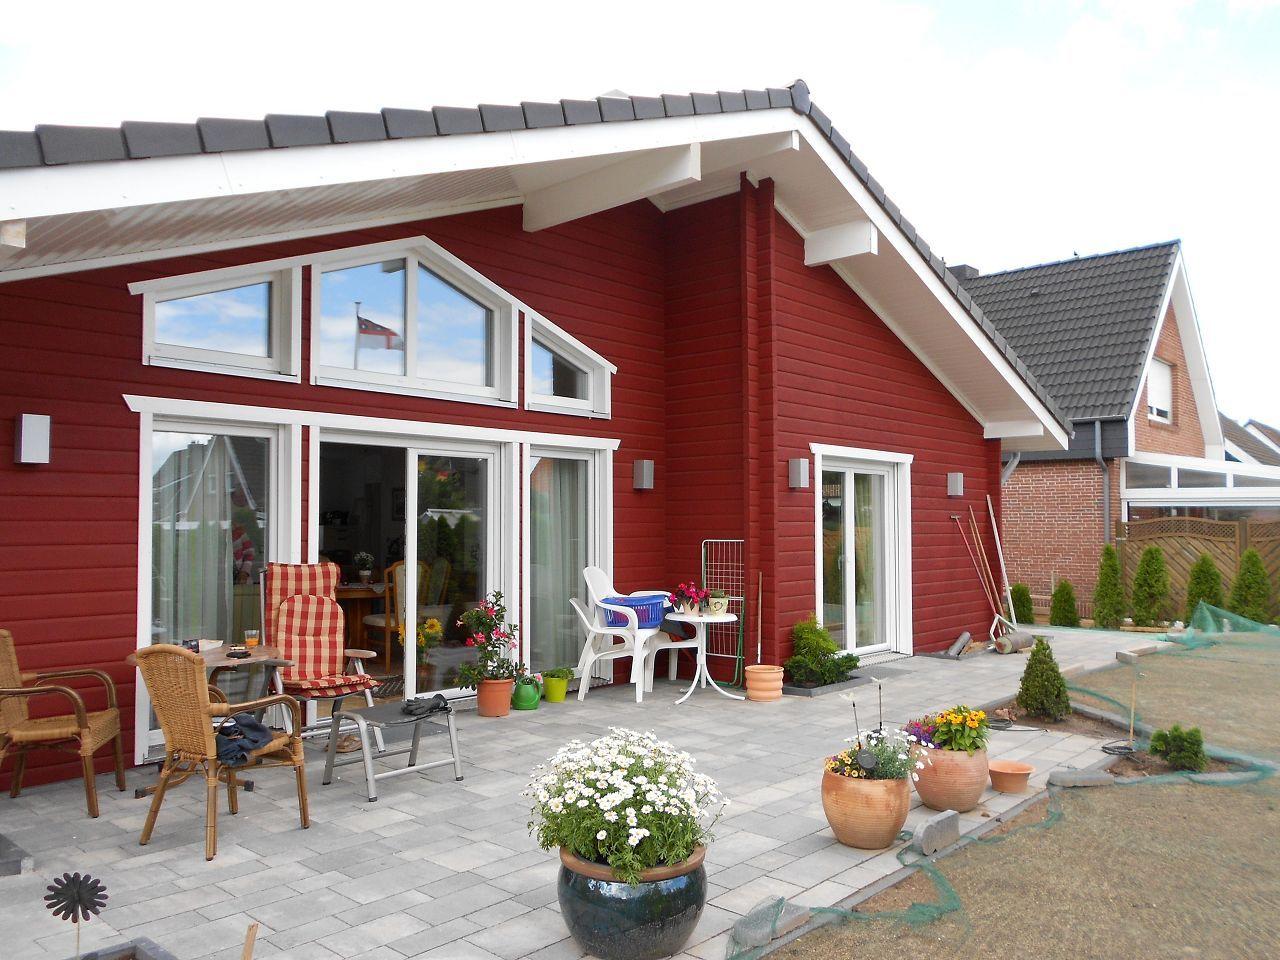 schickes kleines Schwedenhaus (www.sunfjord.de ...